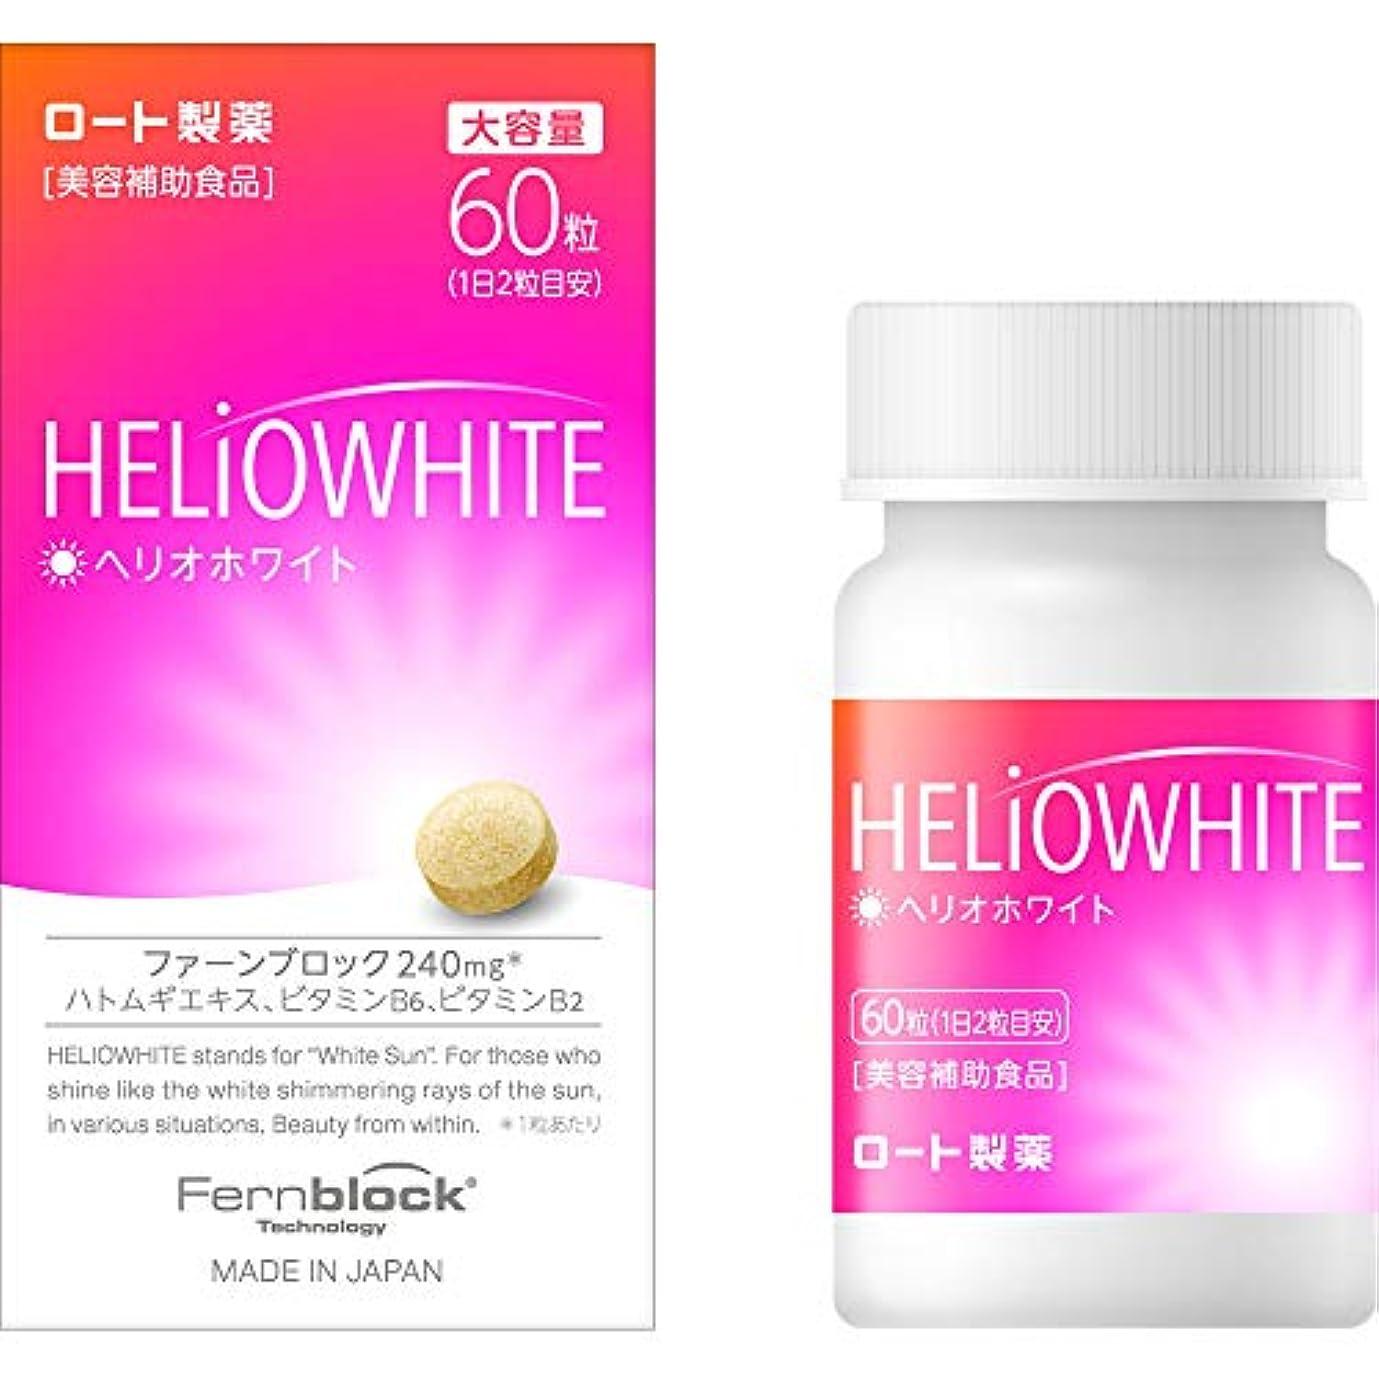 幽霊ドラッグそのようなロート製薬 ヘリオホワイト 60粒 シダ植物抽出成分 ファーンブロック Fernblock 240mg 配合 美容補助食品